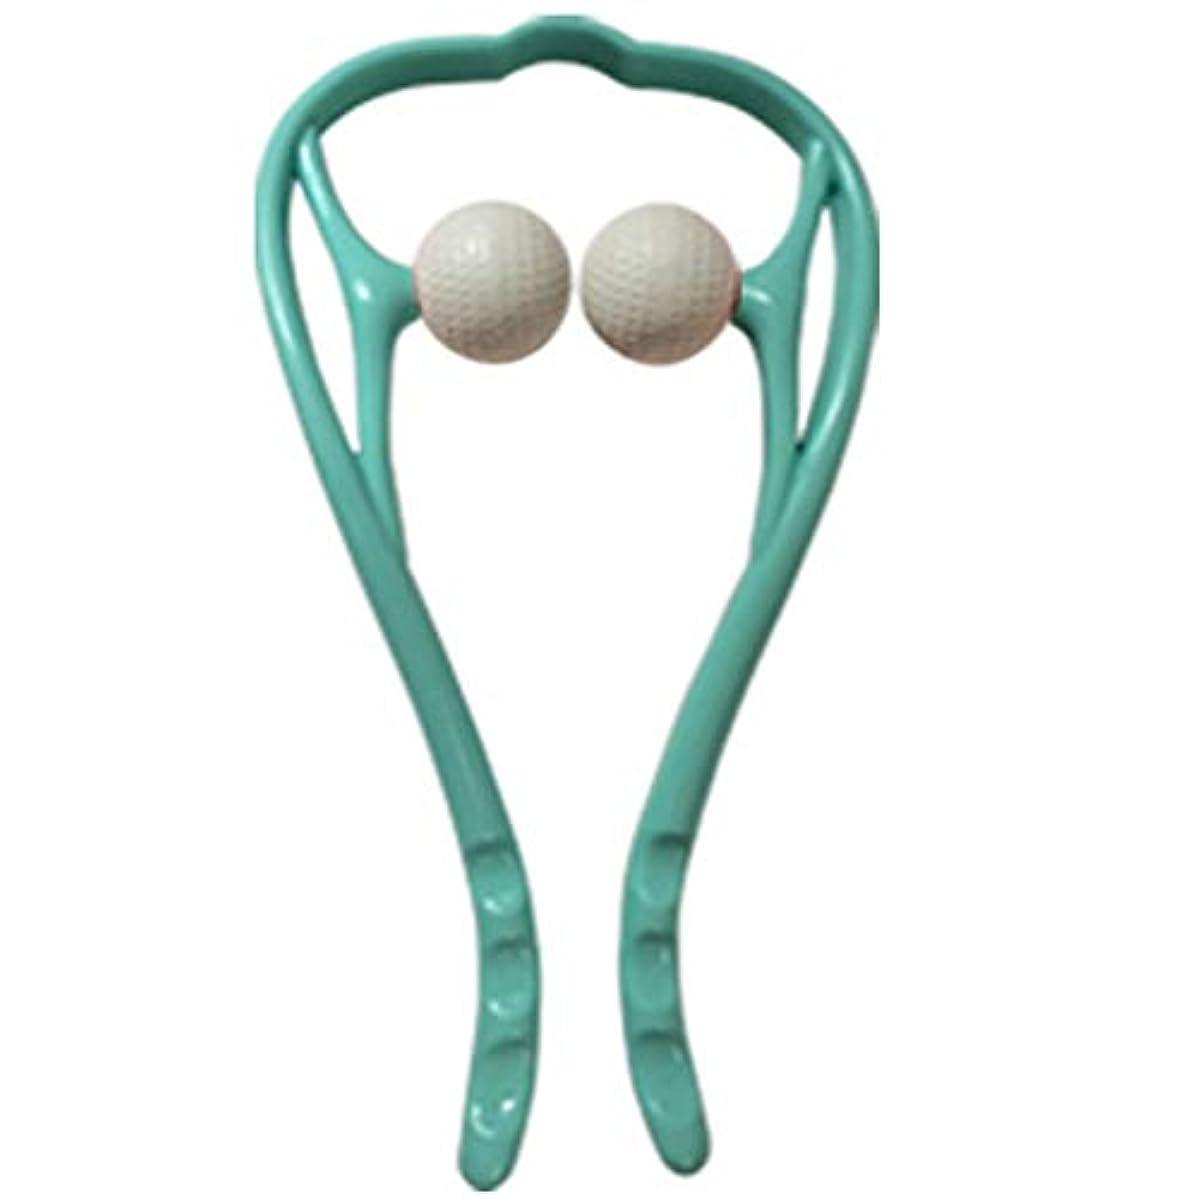 ご予約険しい欠席手動首のマッサージャーの球の頚部U字型ハンドルの圧力点のマッサージャー手動自己筋肉マッサージ,Blue